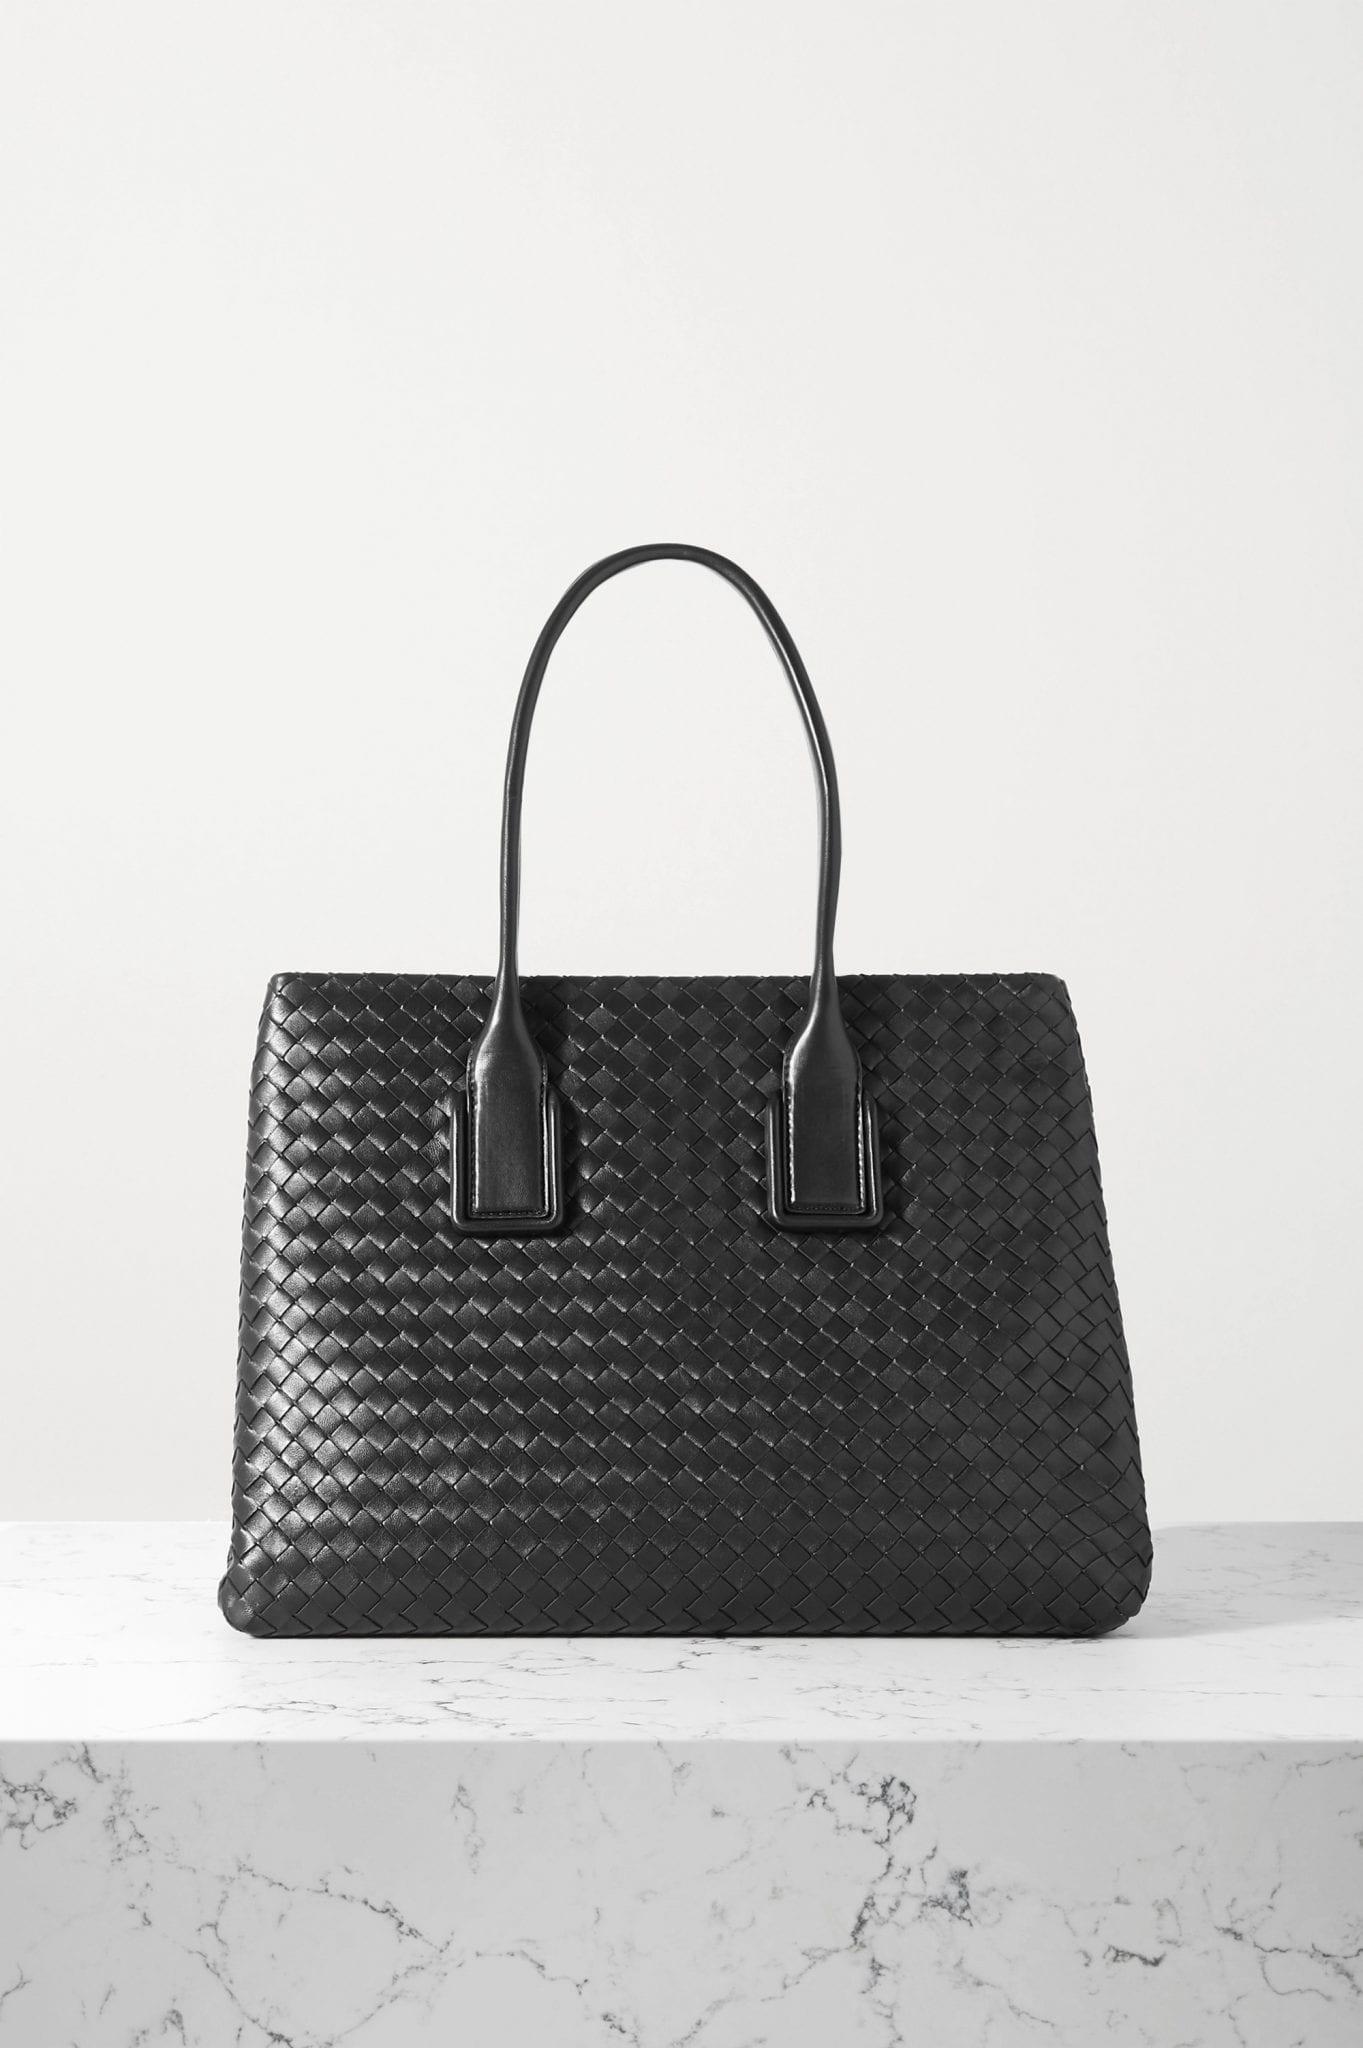 BOTTEGA VENETA Small Intrecciato Leather Tote Bag